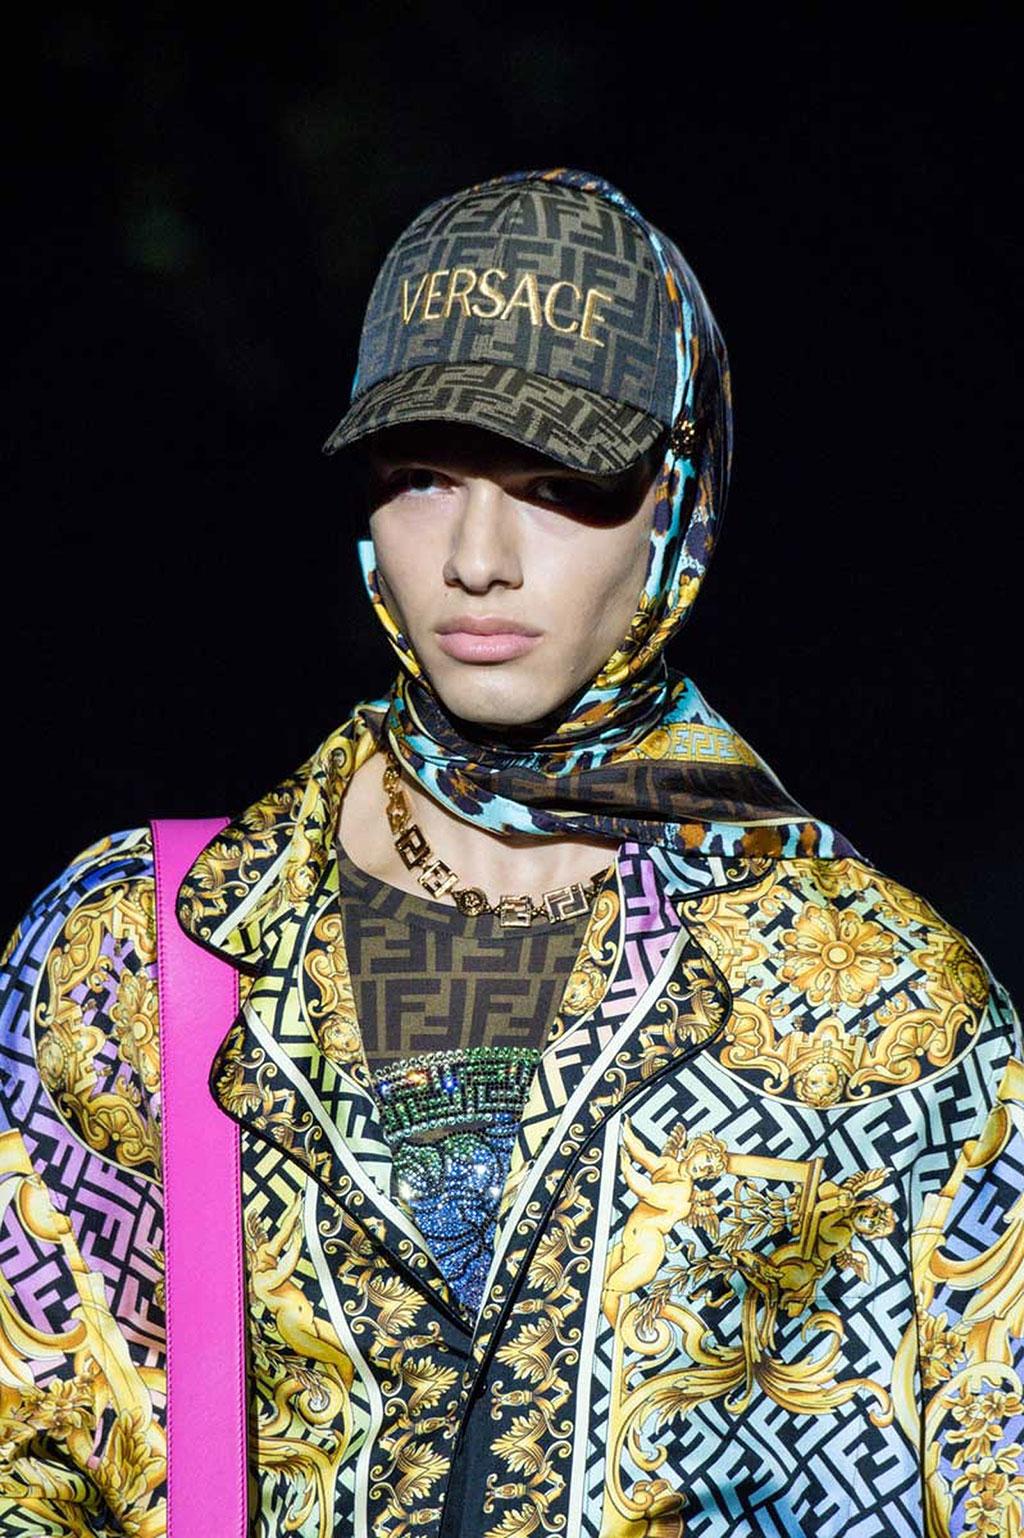 FENDACE: Khi Versace và Fendi bắt tay 4